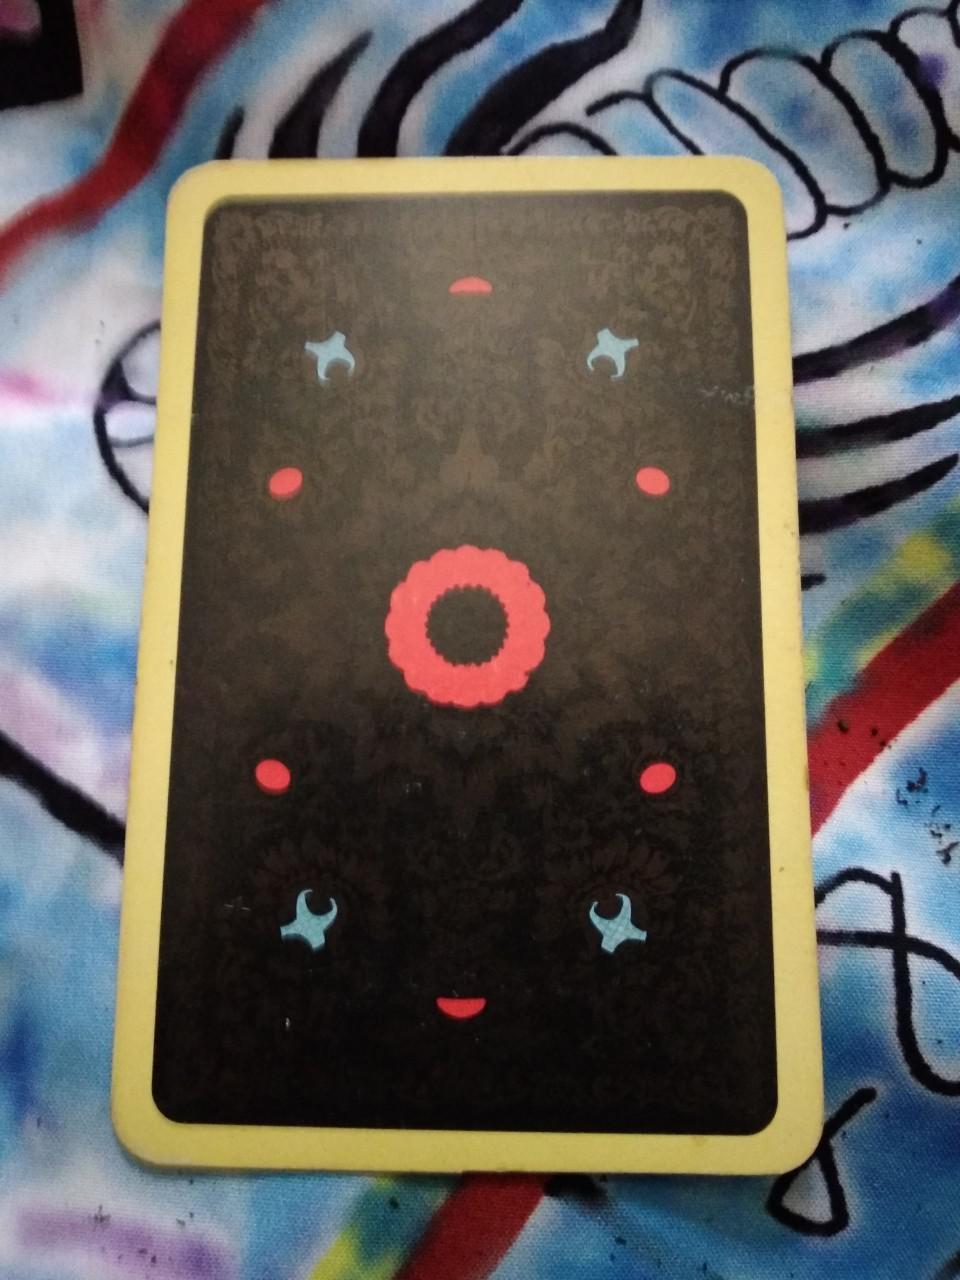 Угадываем игральную карту - Страница 26 0-02-188